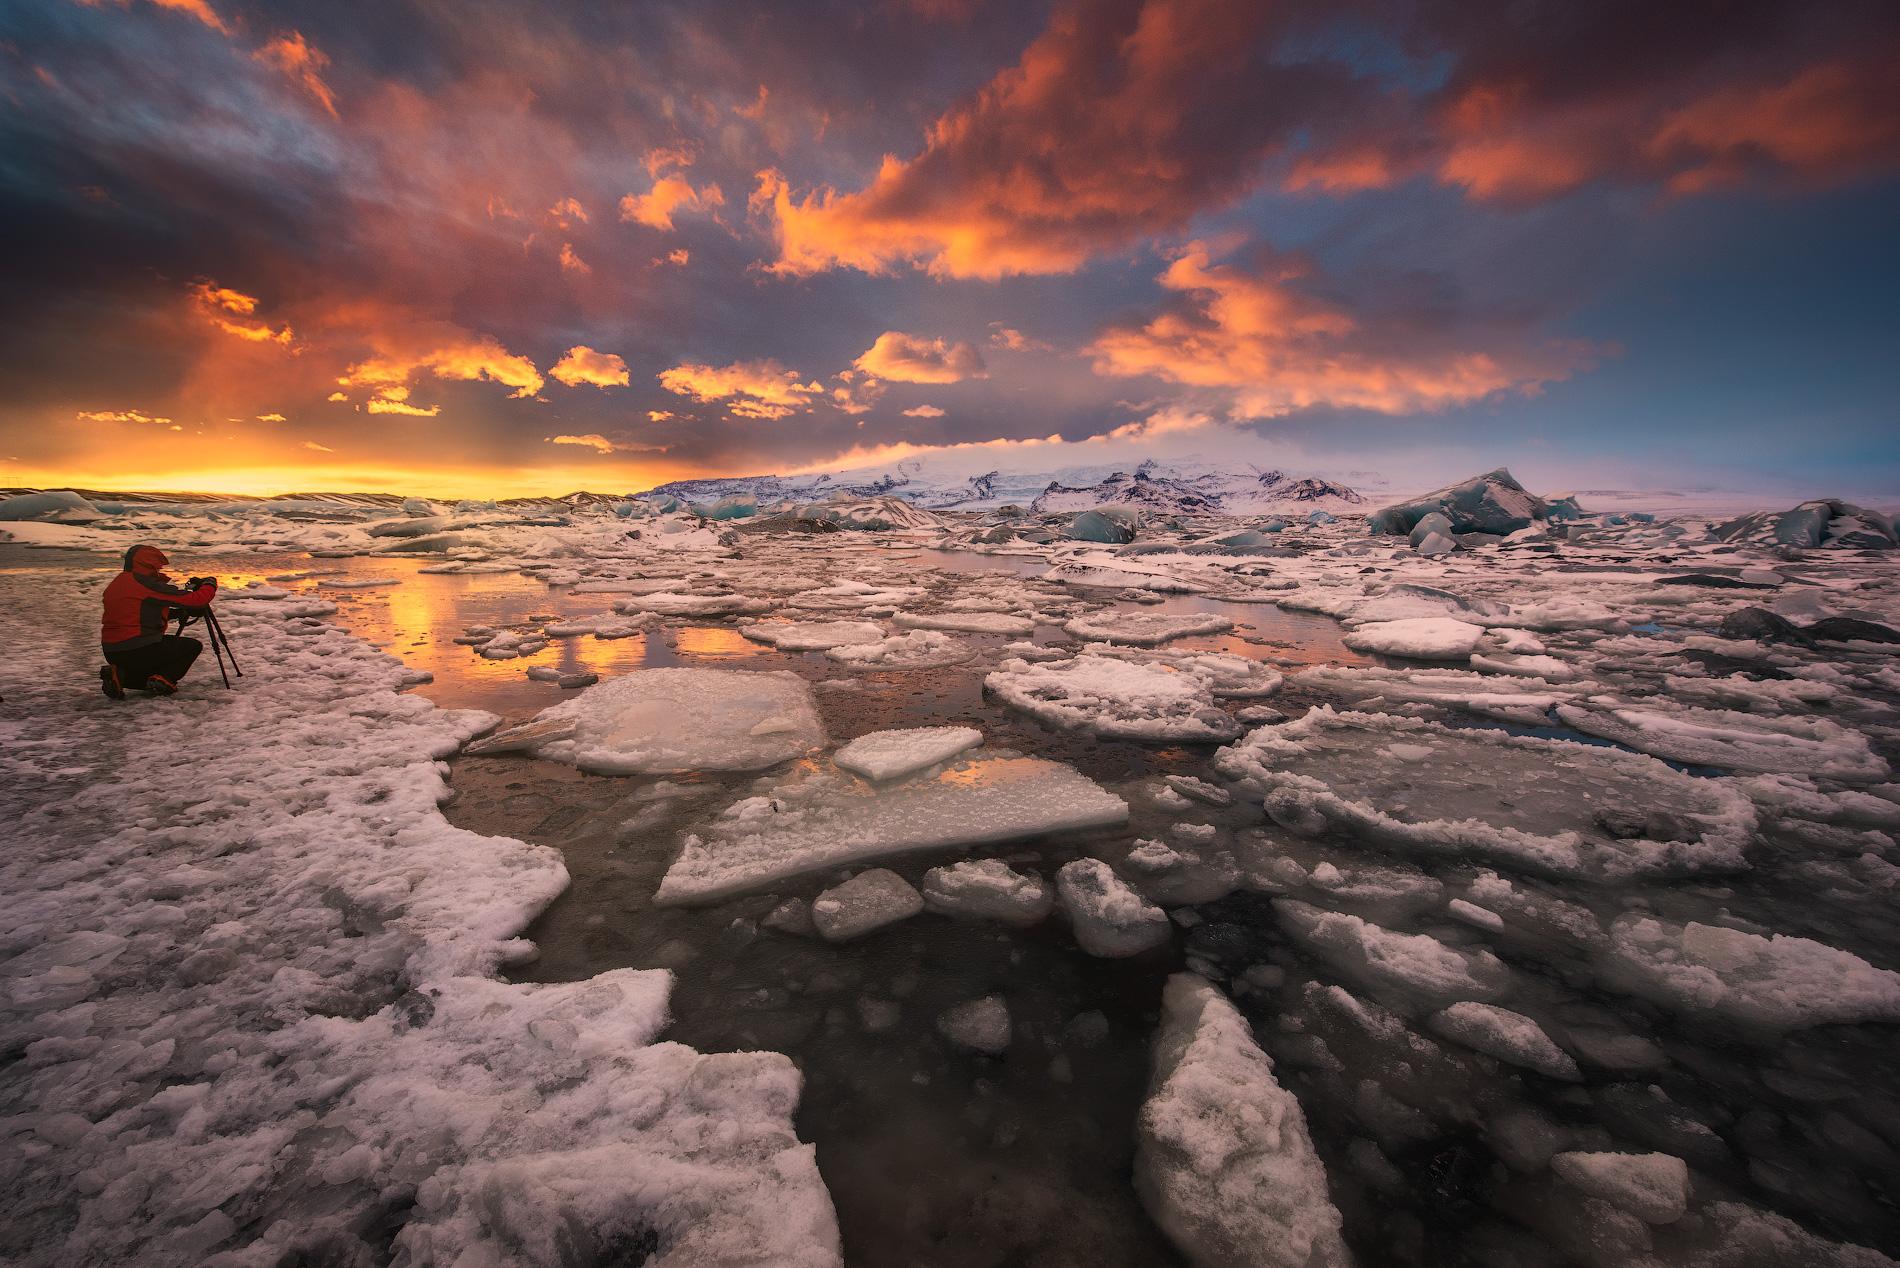 L'ora dorata, il momento perfetto per fotografare la laguna glaciale di Jökulsárlón.